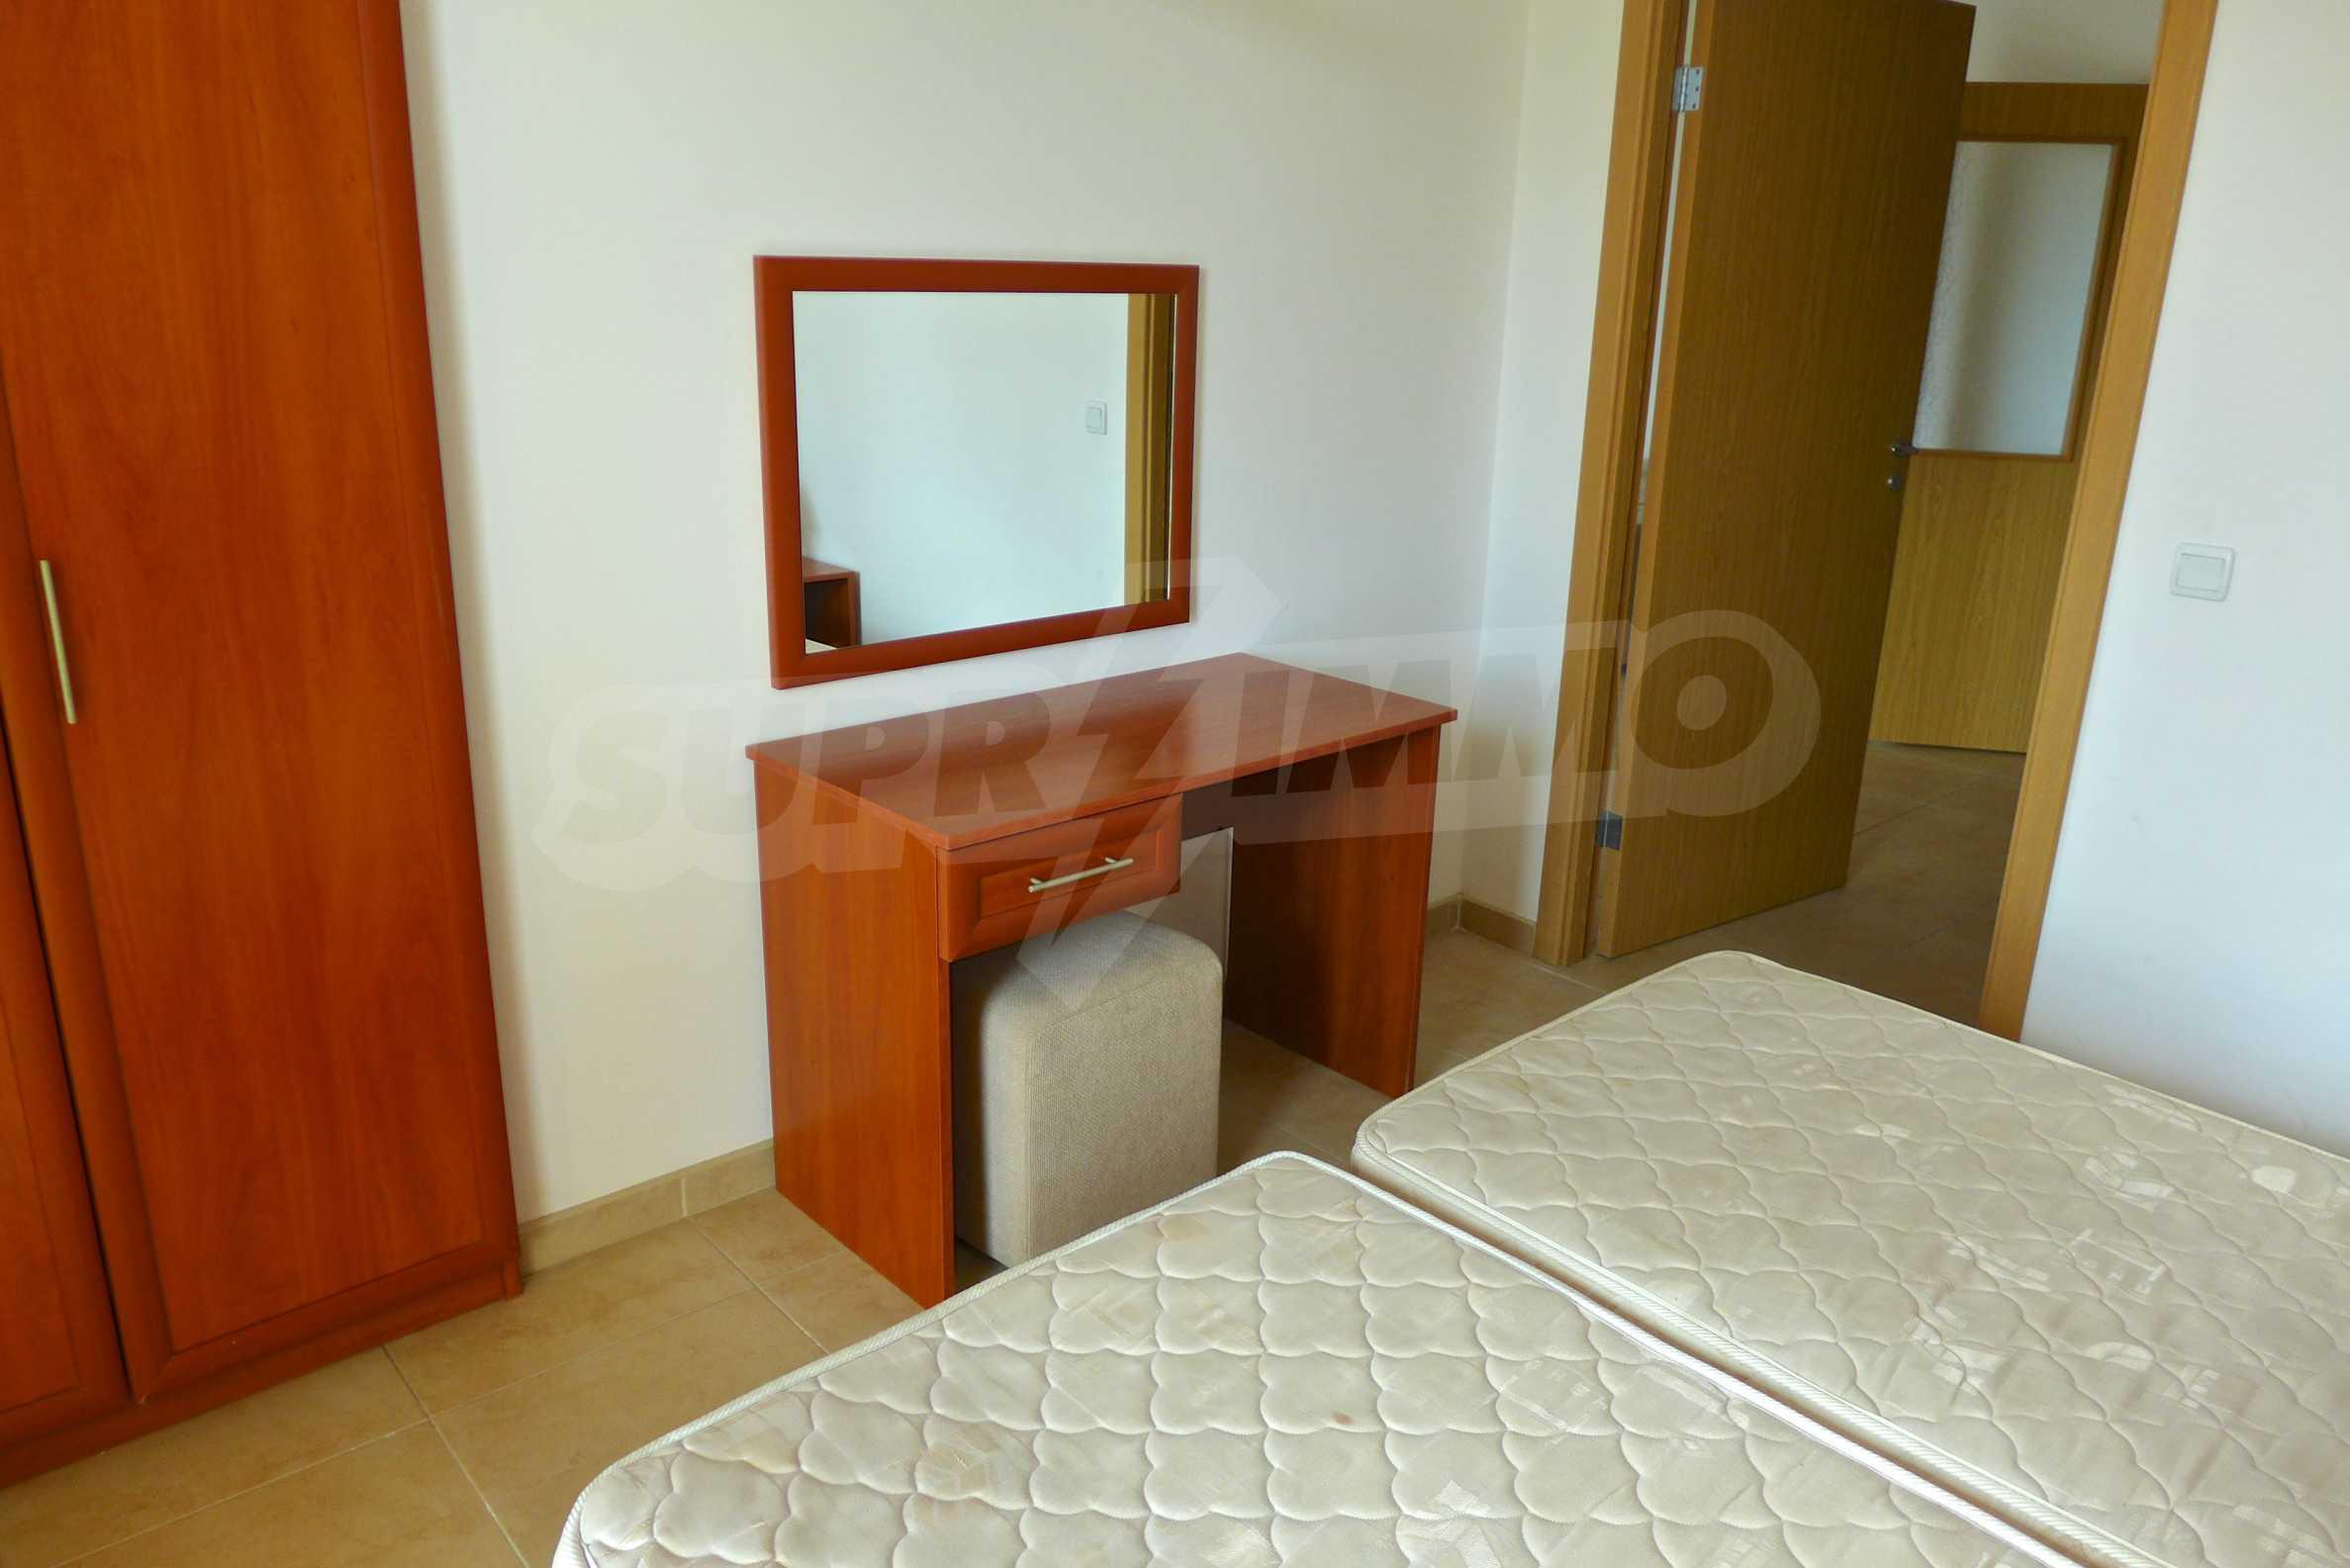 Geräumige Wohnung mit zwei Schlafzimmern in Ashton Hall 9